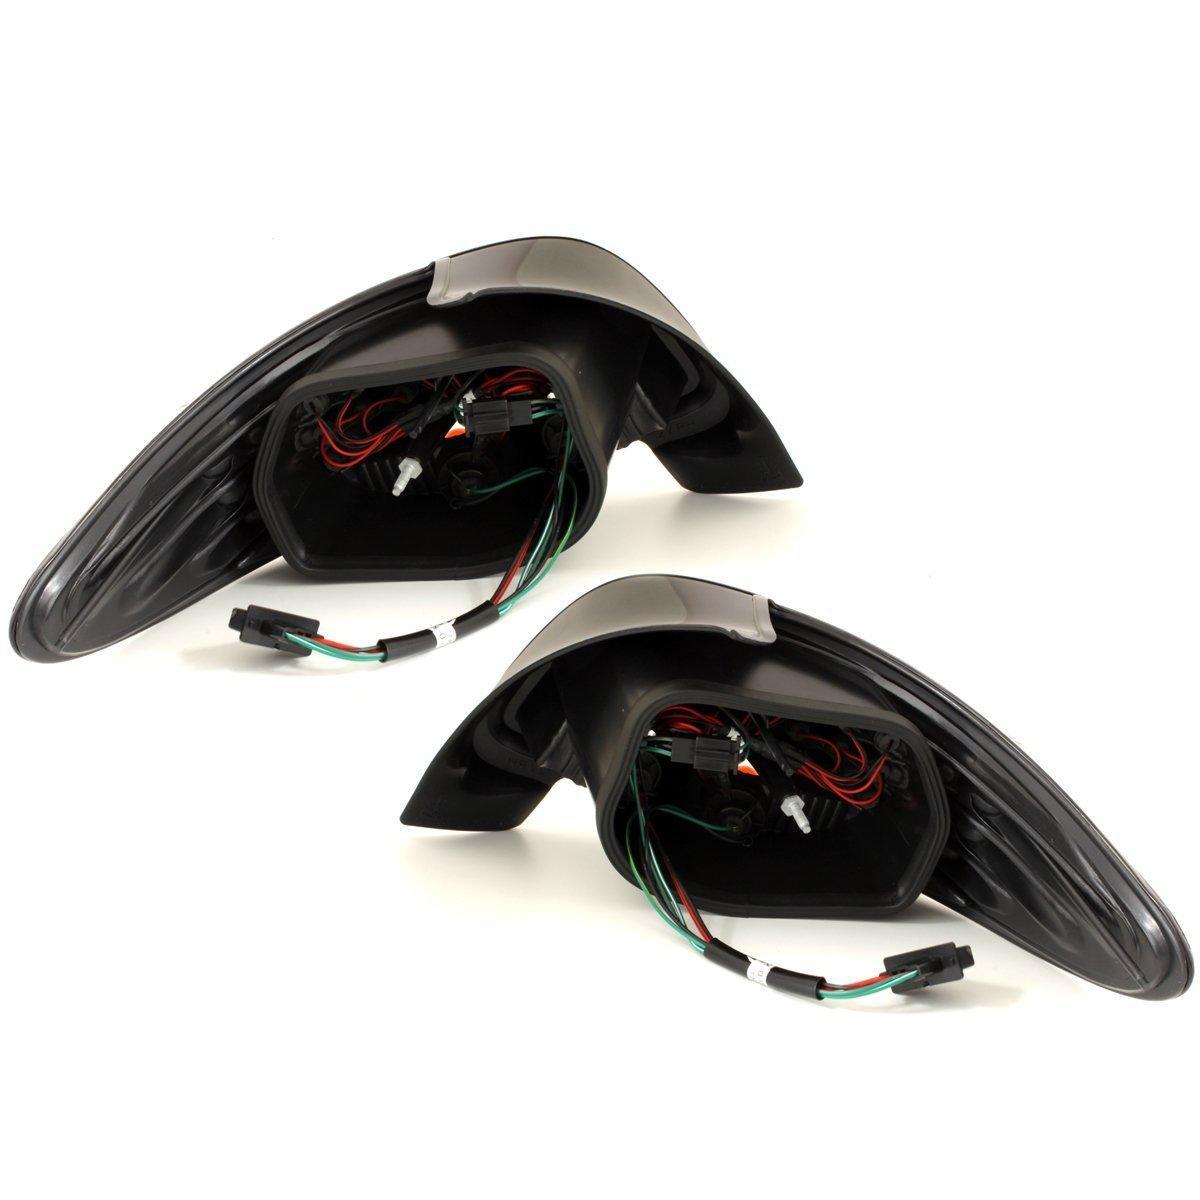 adnauto 2 feux arriere leds adaptables pour peugeot 206 cristal 11113. Black Bedroom Furniture Sets. Home Design Ideas